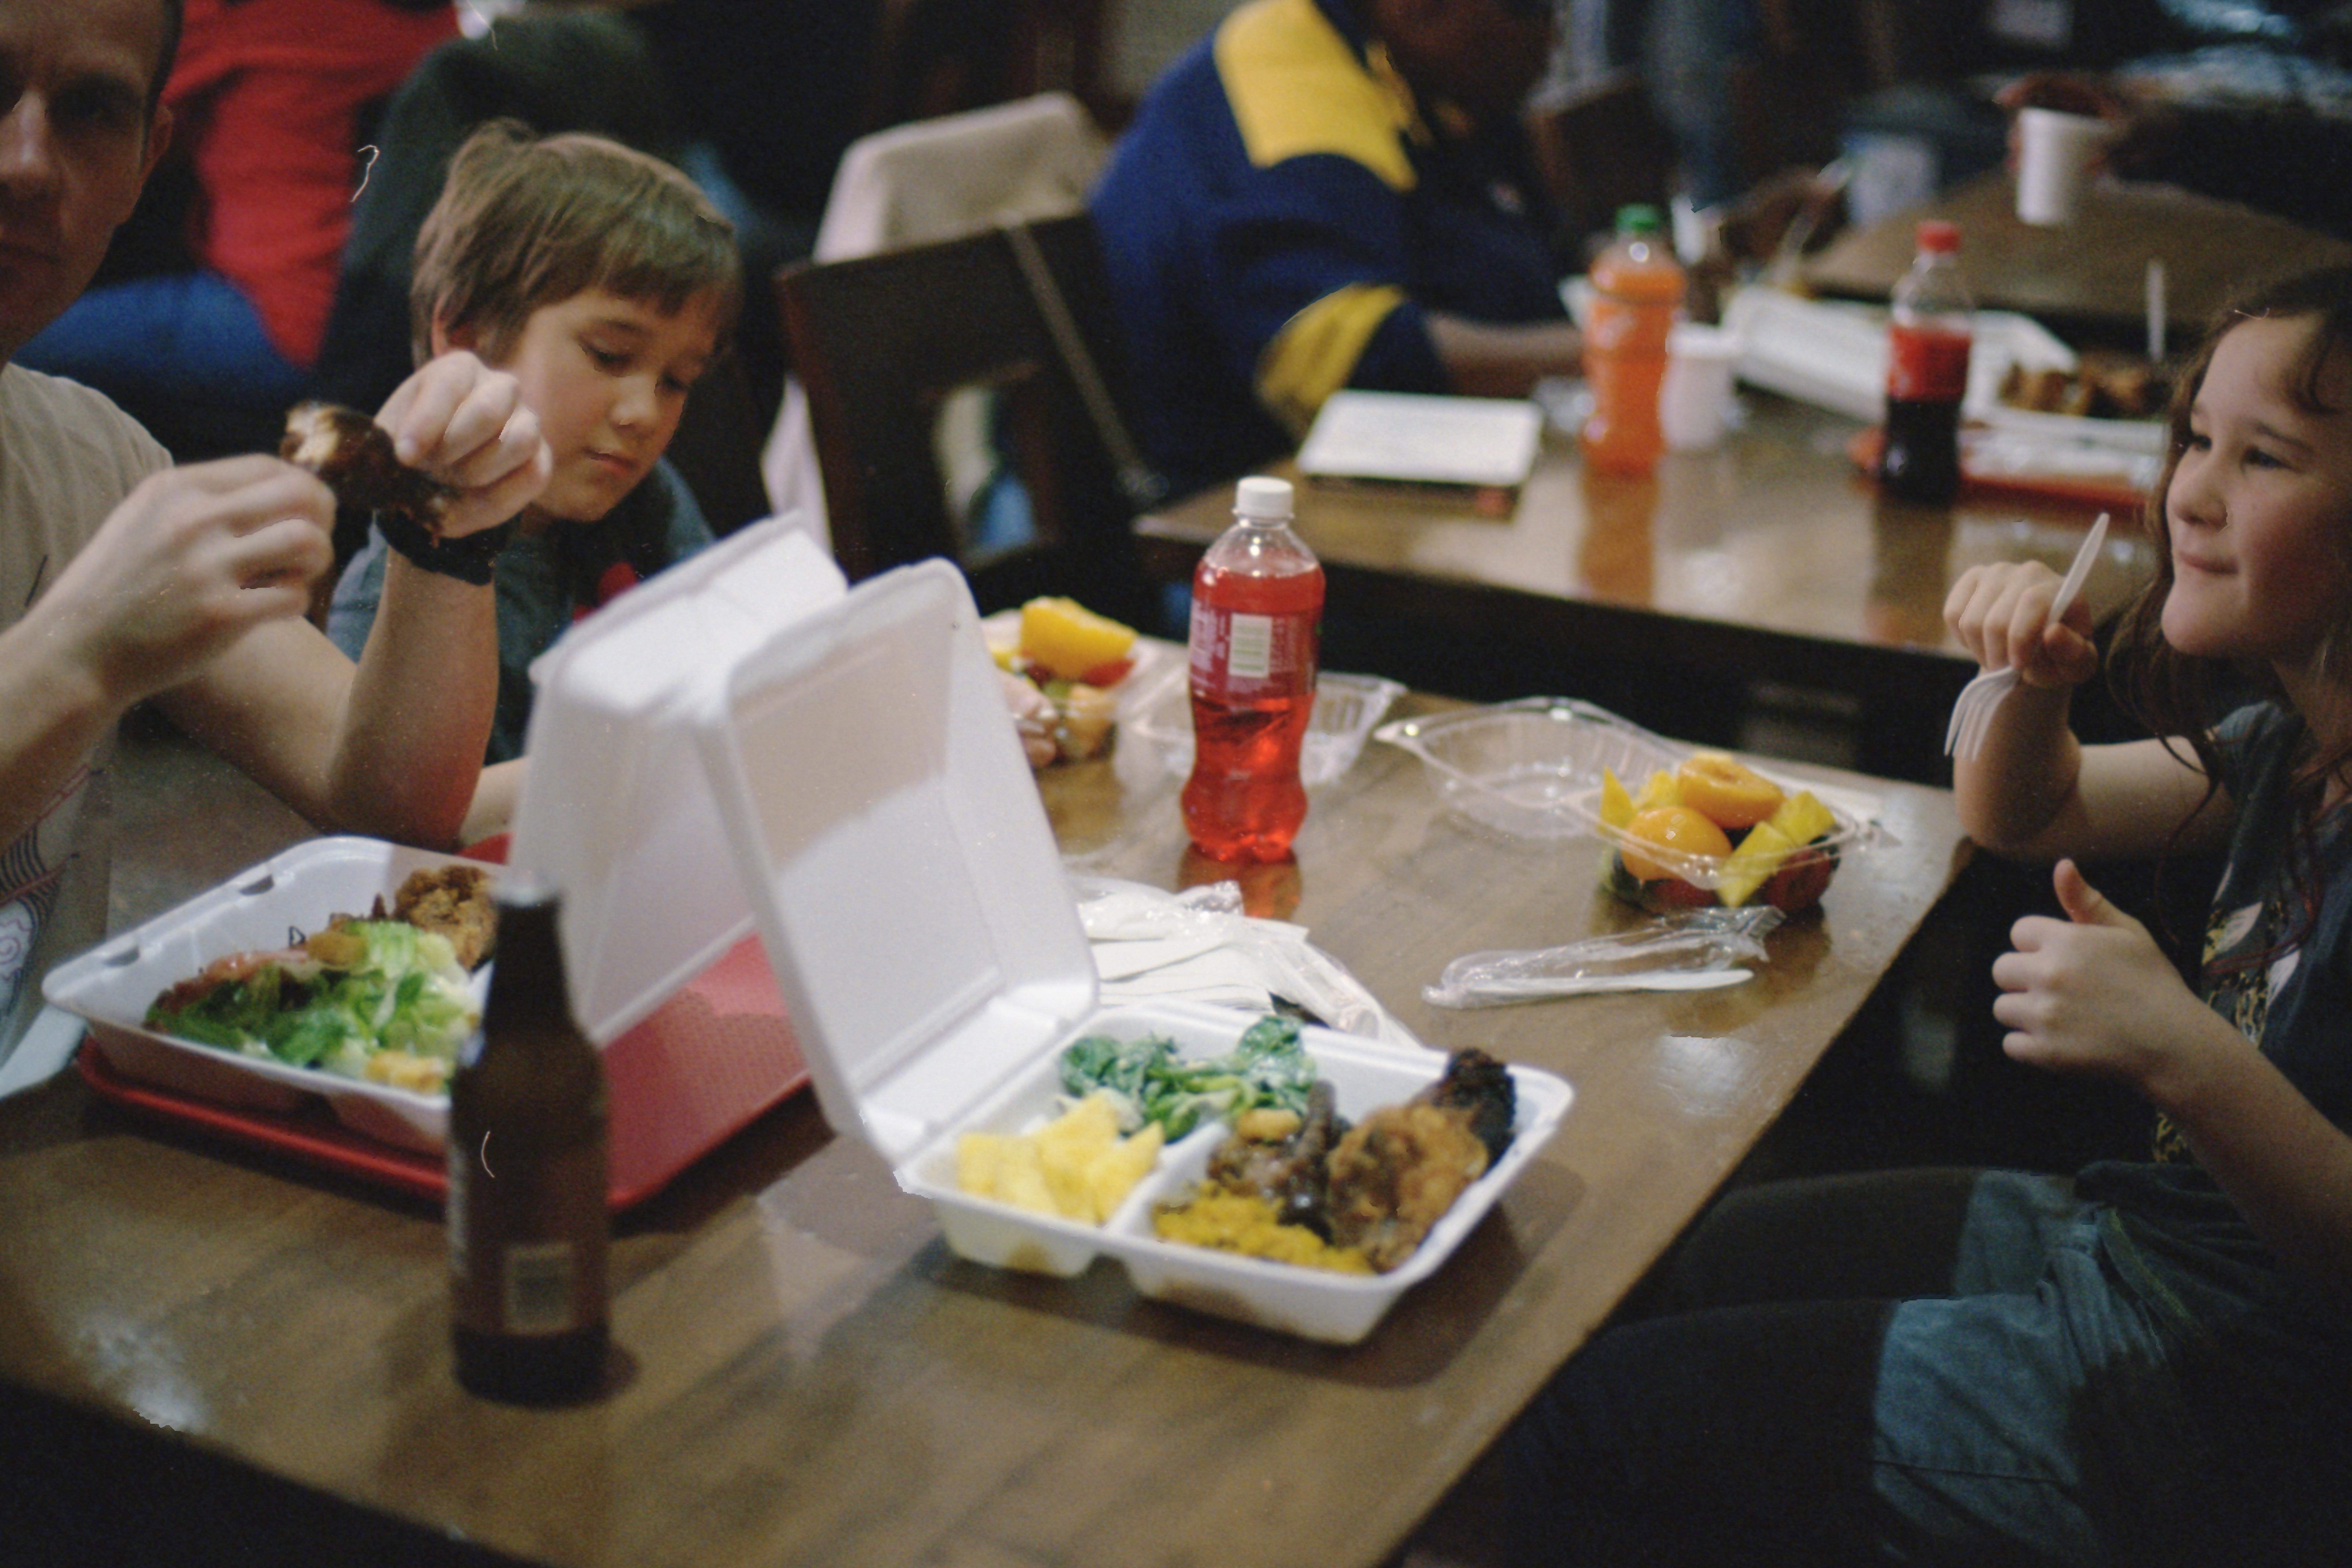 Qué han hecho y qué pueden seguir haciendo los gobiernos locales para romper el círculo de pobreza infantil